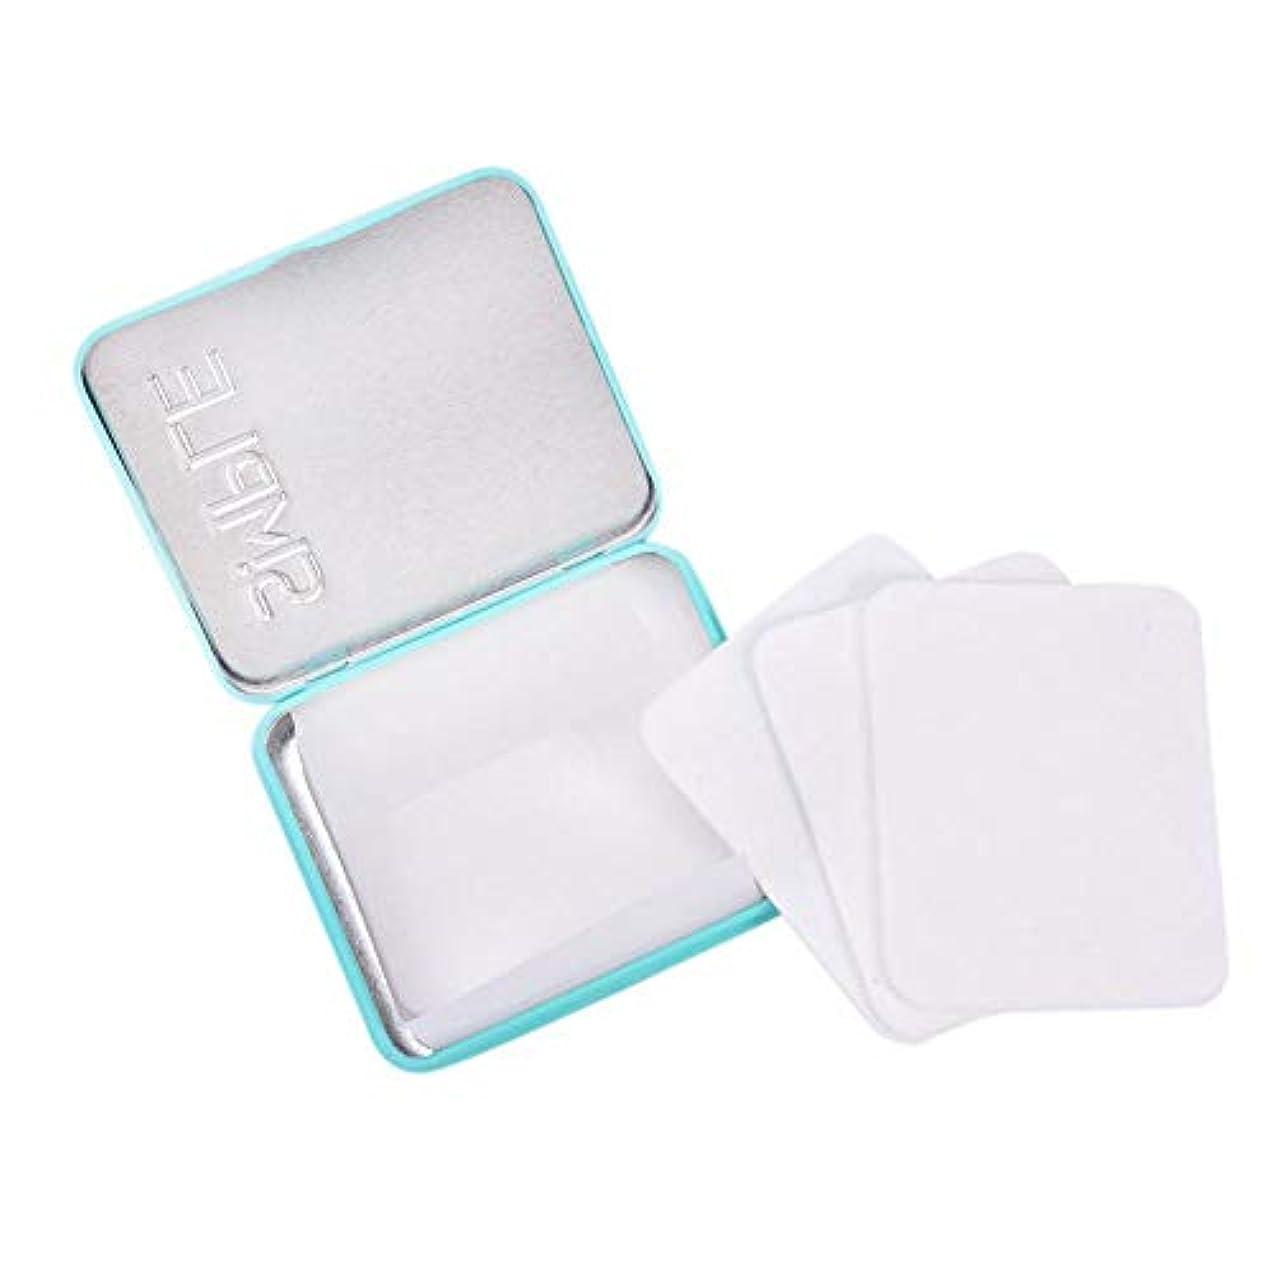 ボランティアプロジェクター原因洗える化粧除去パッド 10個入りソフトクリーニングコットンラウンド化粧品洗顔料クリーニングコットンパッド 化粧道具